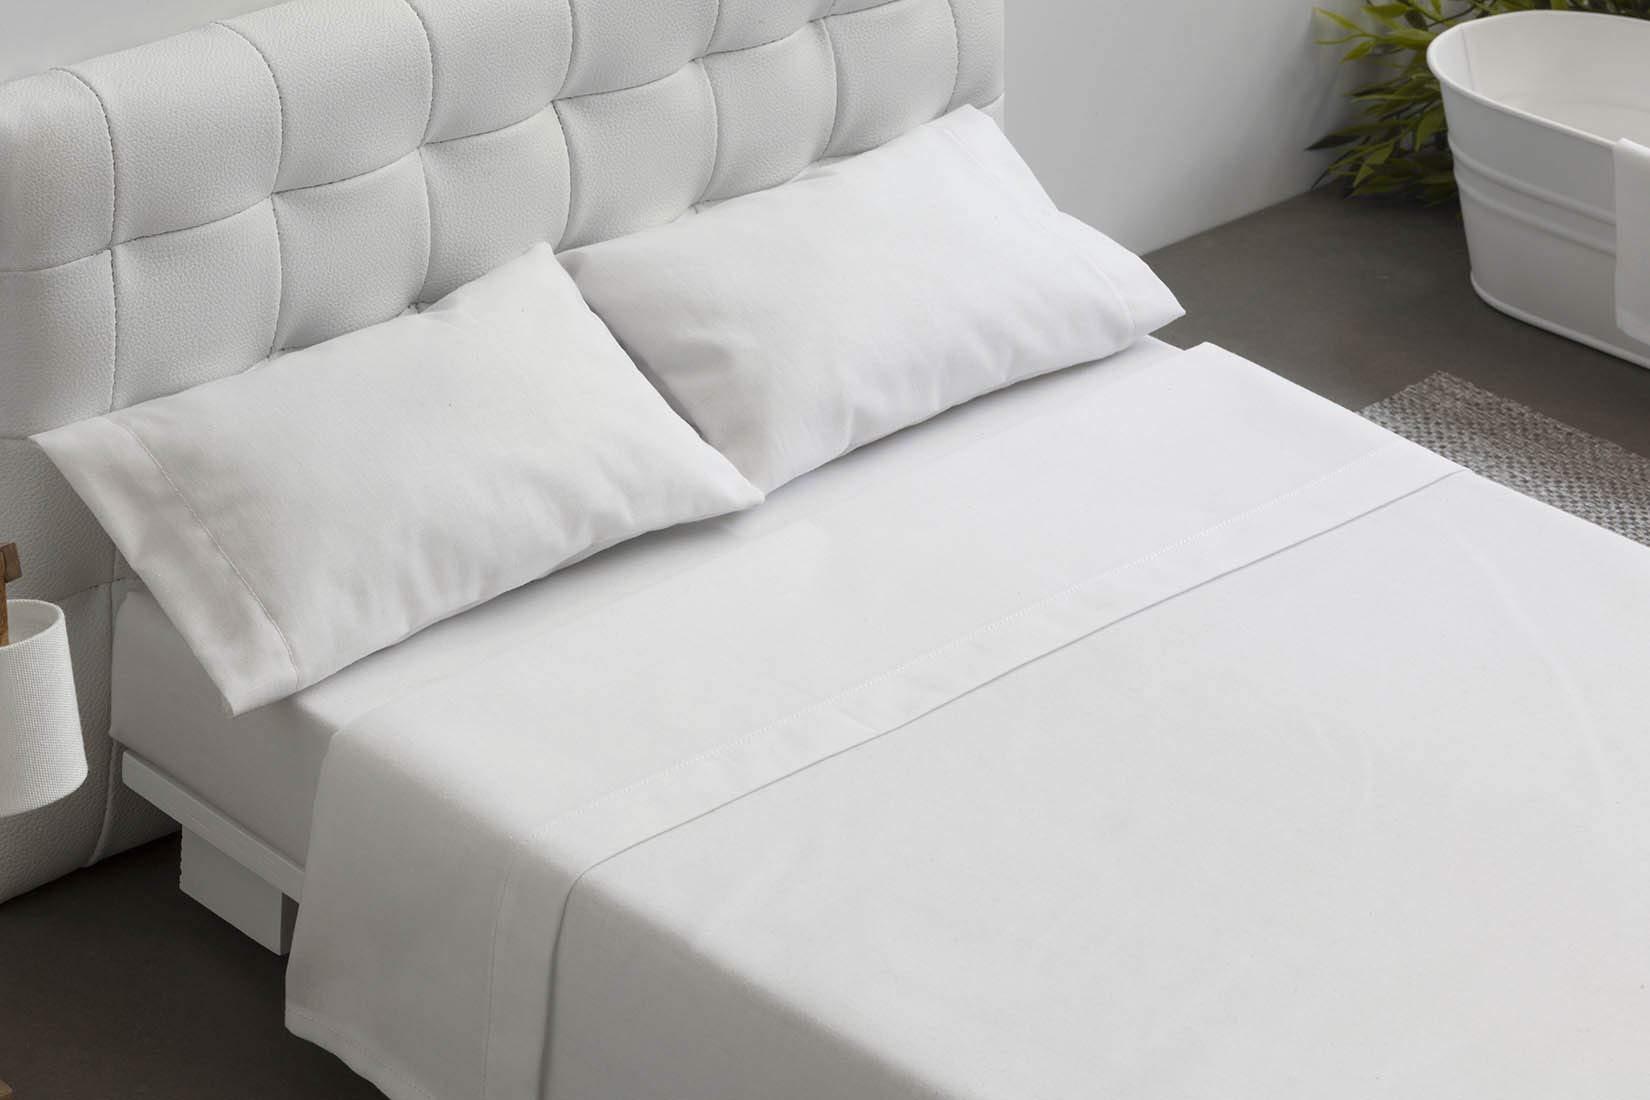 Burrito Blanco Juego de Sábanas Blanco de Hostelería para Cama de Matrimonio de 150 cm x 190/200 cm (Disponible en más Medidas): Amazon.es: Hogar